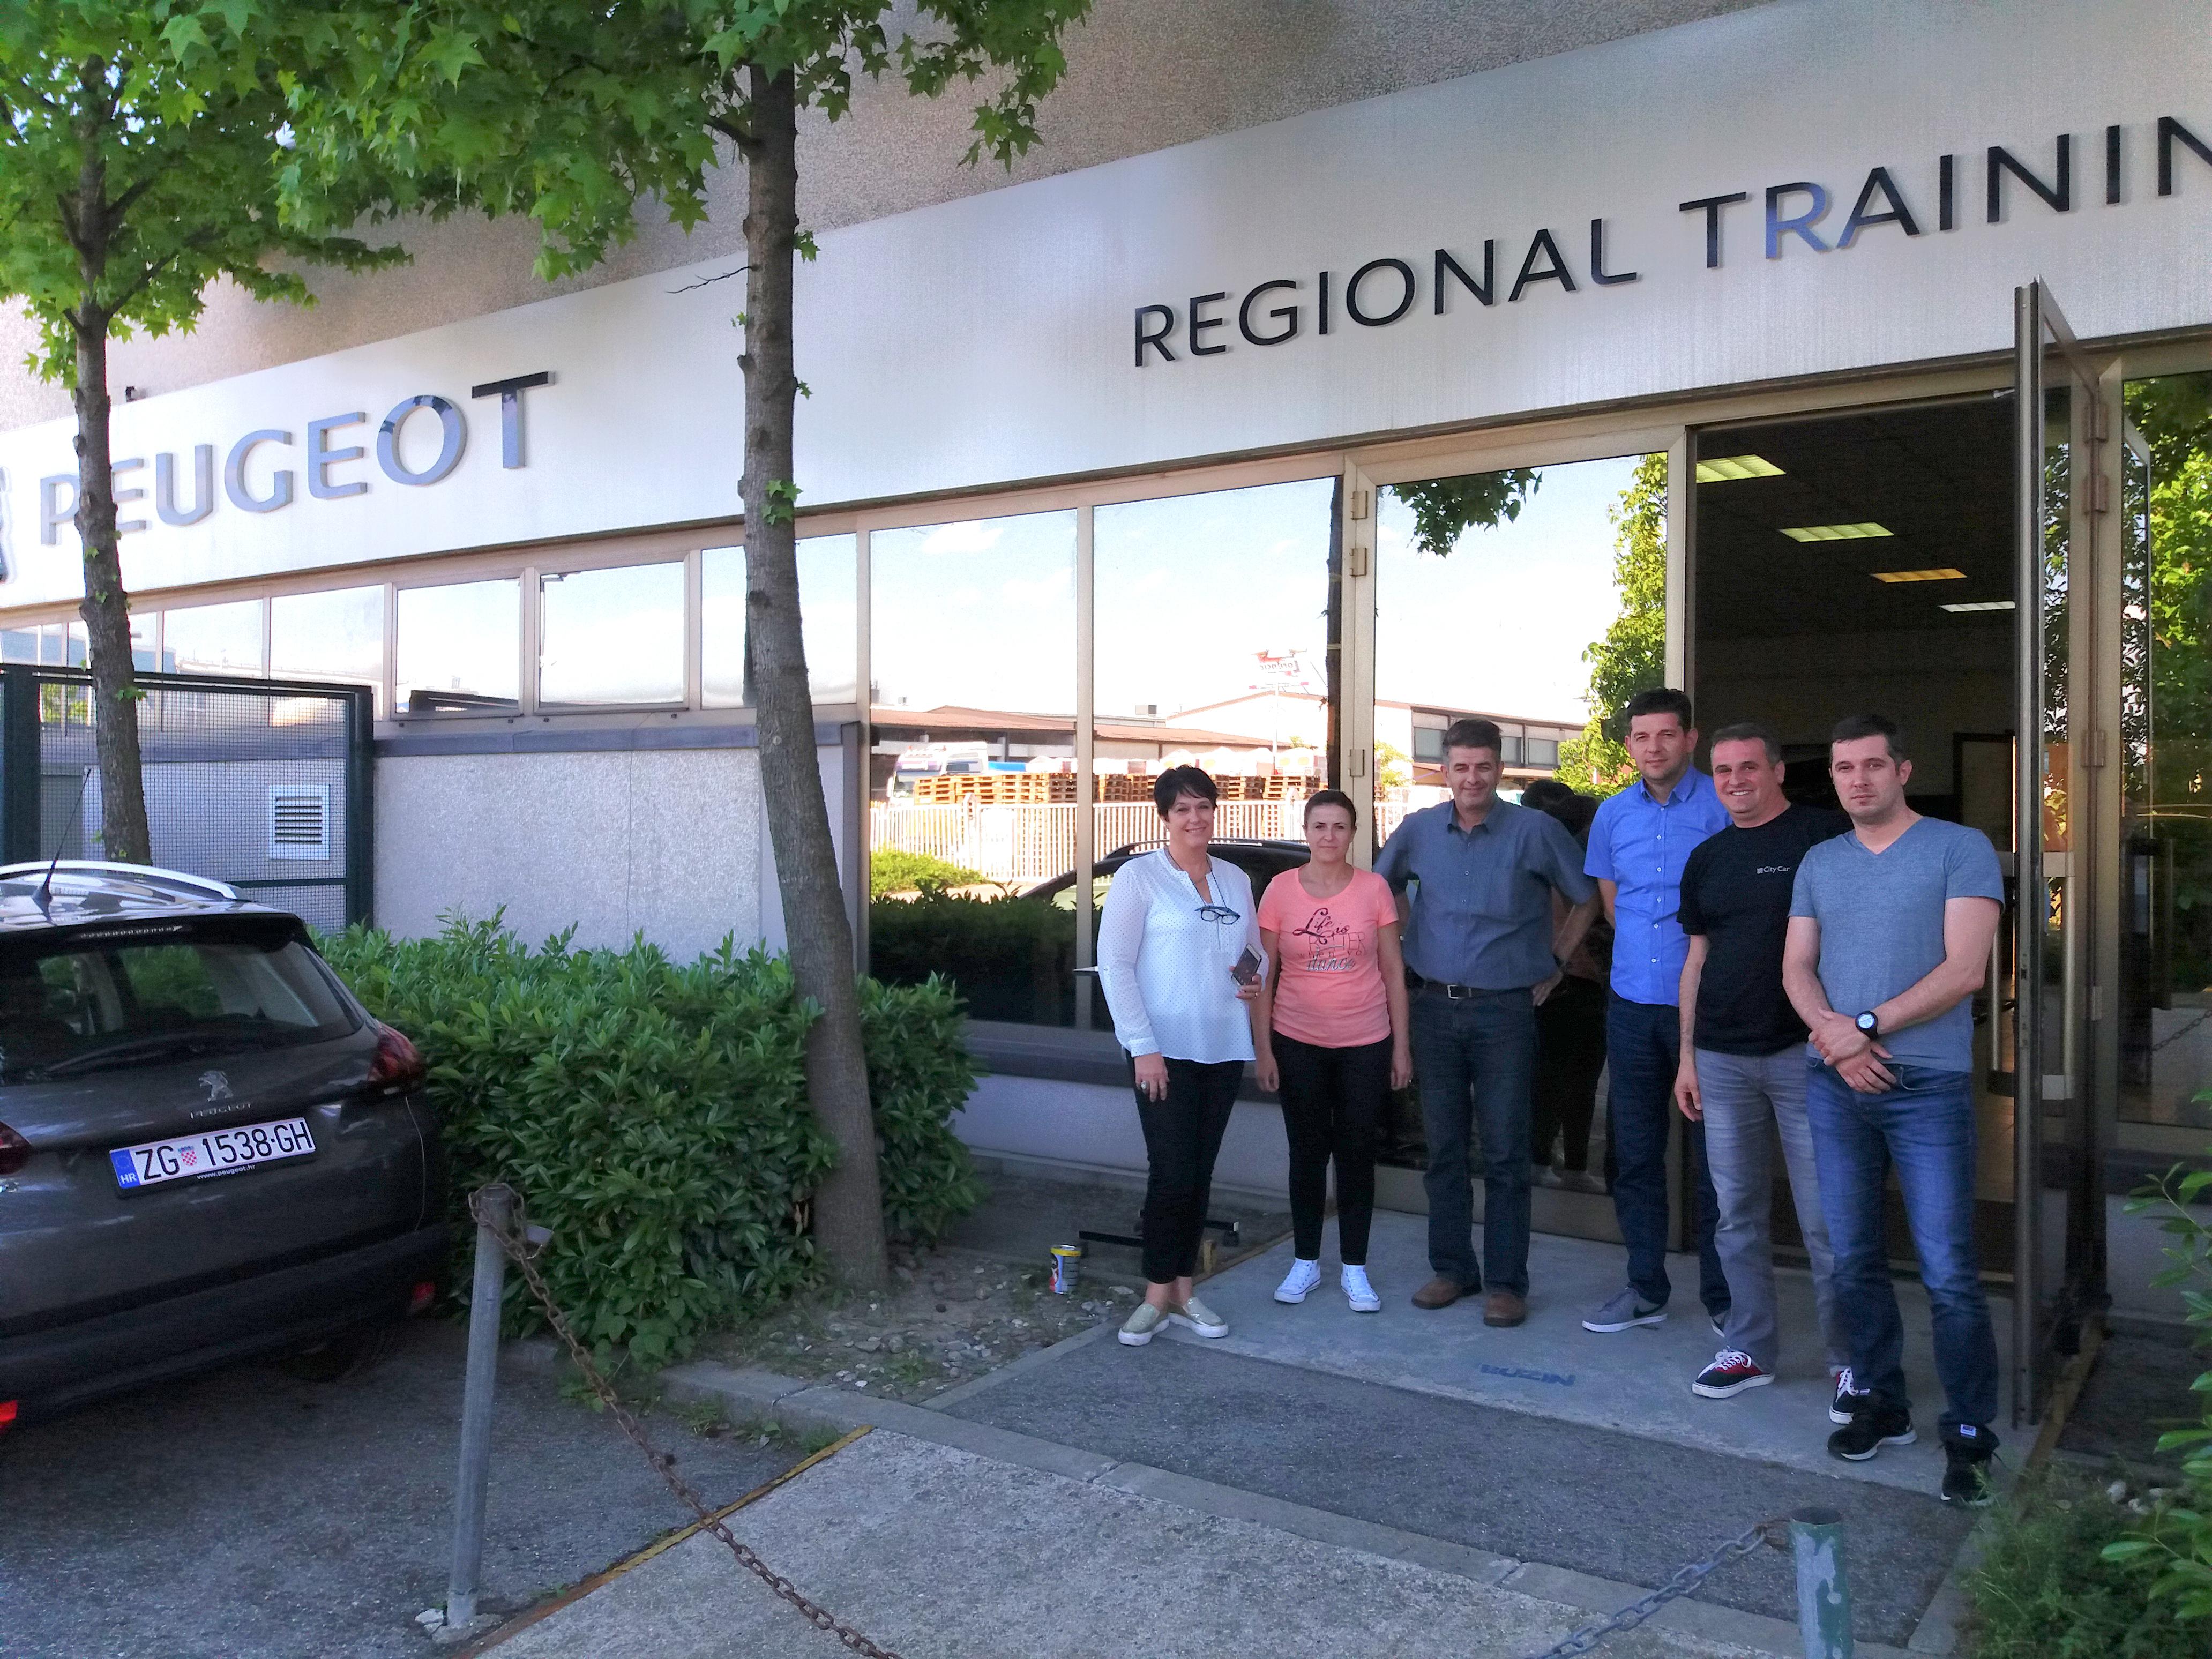 Продажниот тим на Еуроимпекс на обука во регионалниот тренинг центар на Peugeot во Загреб, Хрватска